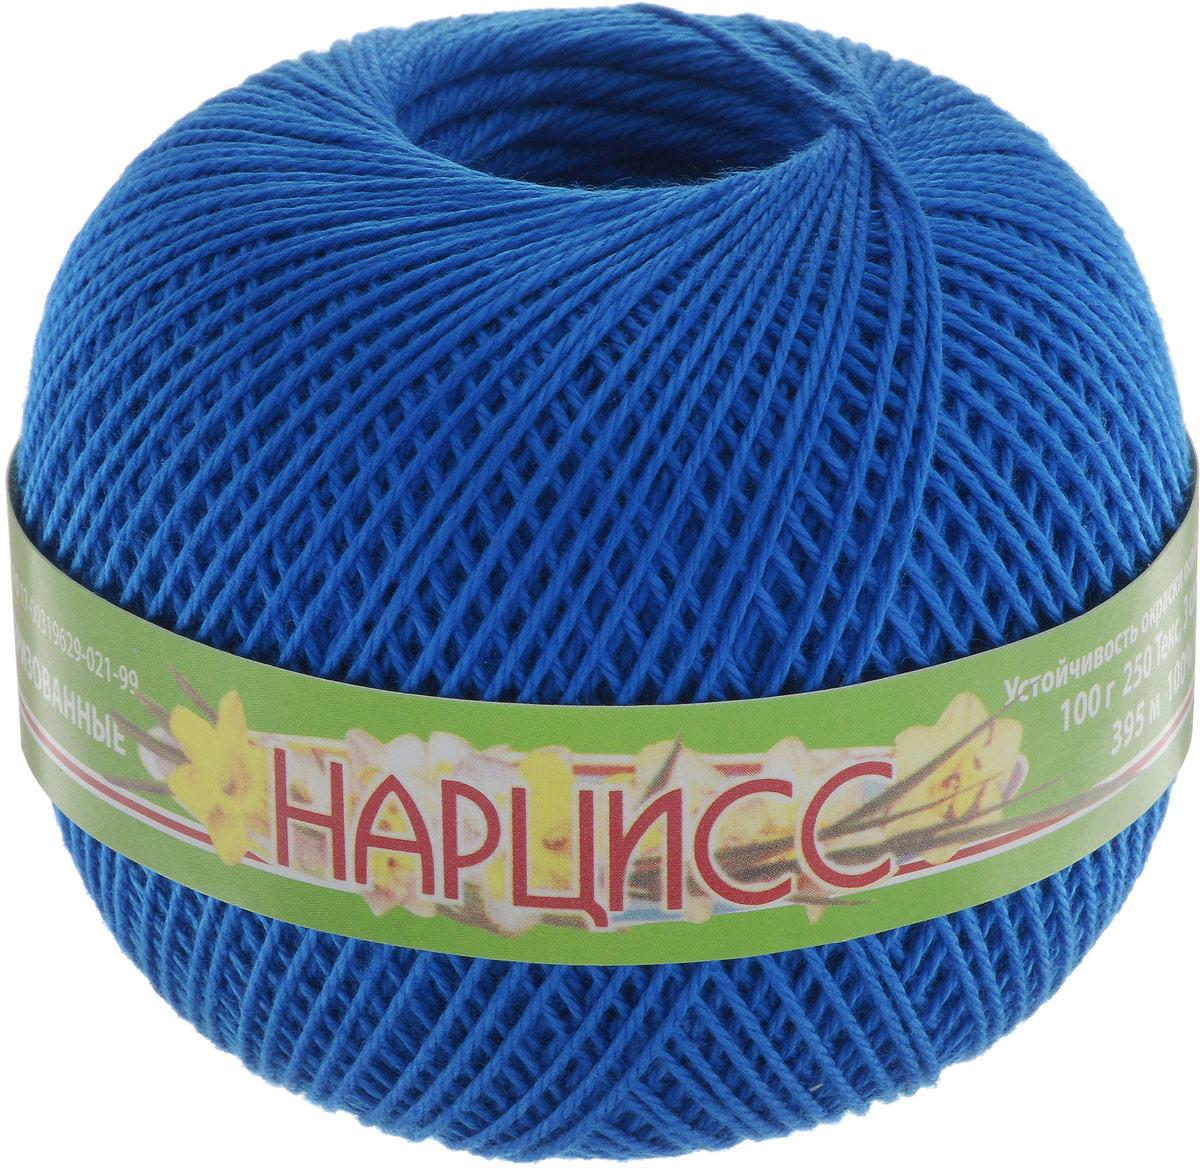 Нитки вязальные Нарцисс, хлопчатобумажные, цвет: синий (2714), 395 м, 100 г, 4 шт нитки вязальные лотос хлопчатобумажные цвет красный 0904 250 м 100 г 4 шт